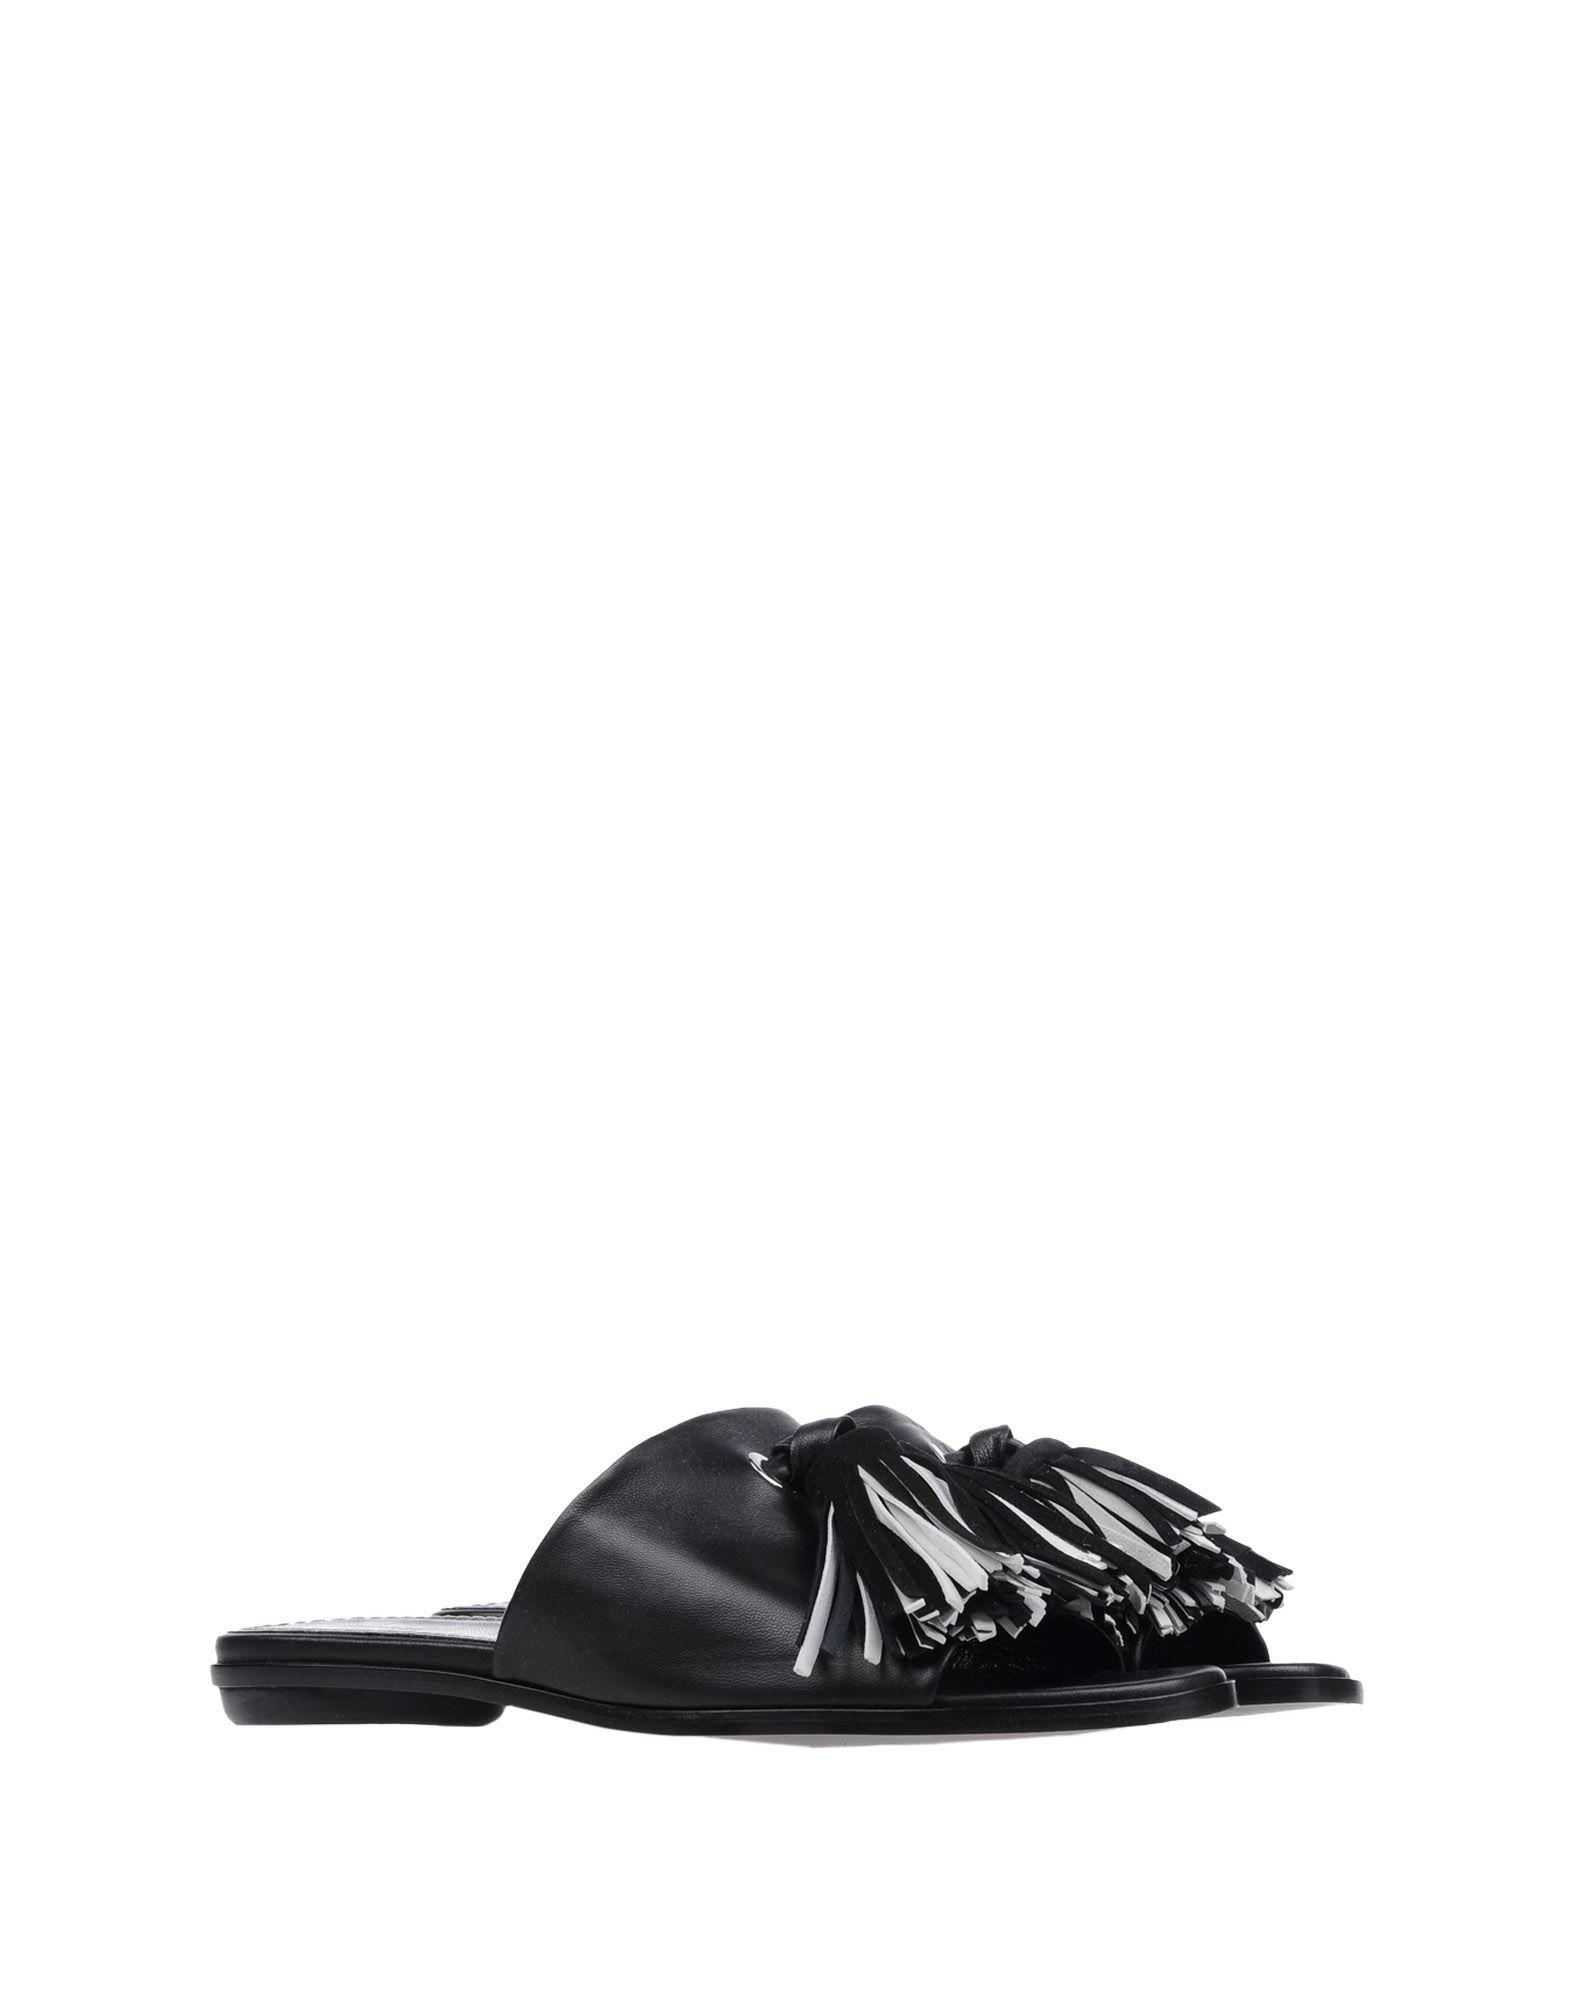 Proenza Schouler Sandalen Damen  11340280OLGut aussehende aussehende aussehende strapazierfähige Schuhe a8c2c7